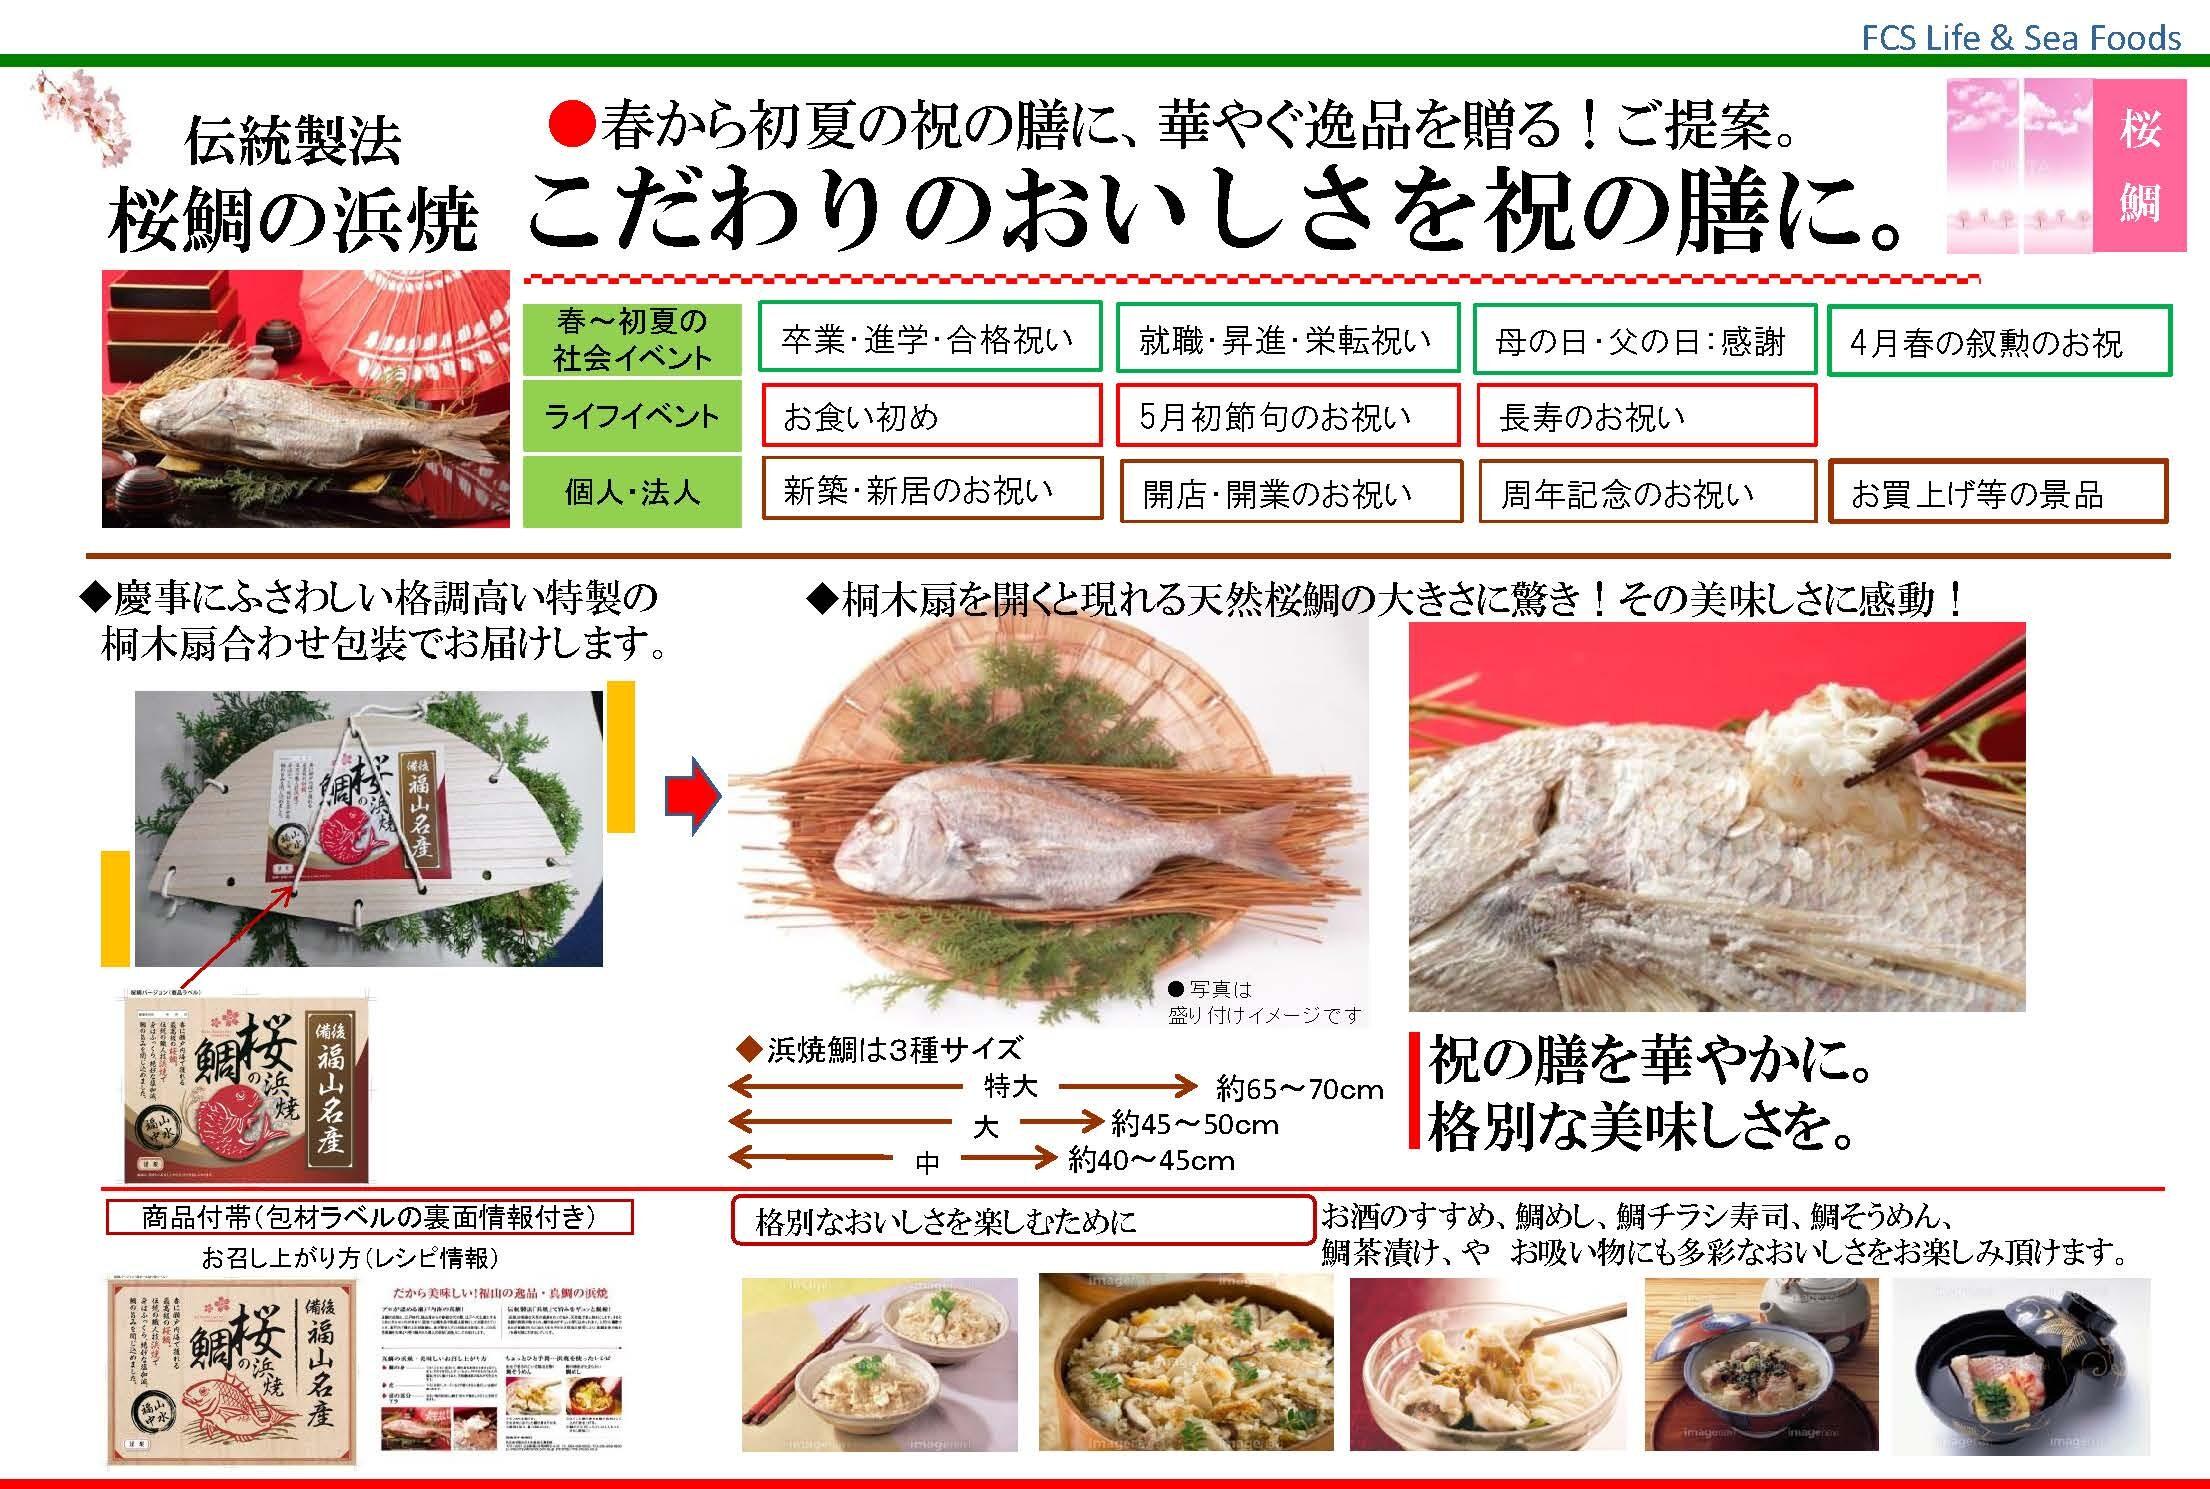 「桜鯛の浜焼」の予約を開始しました。